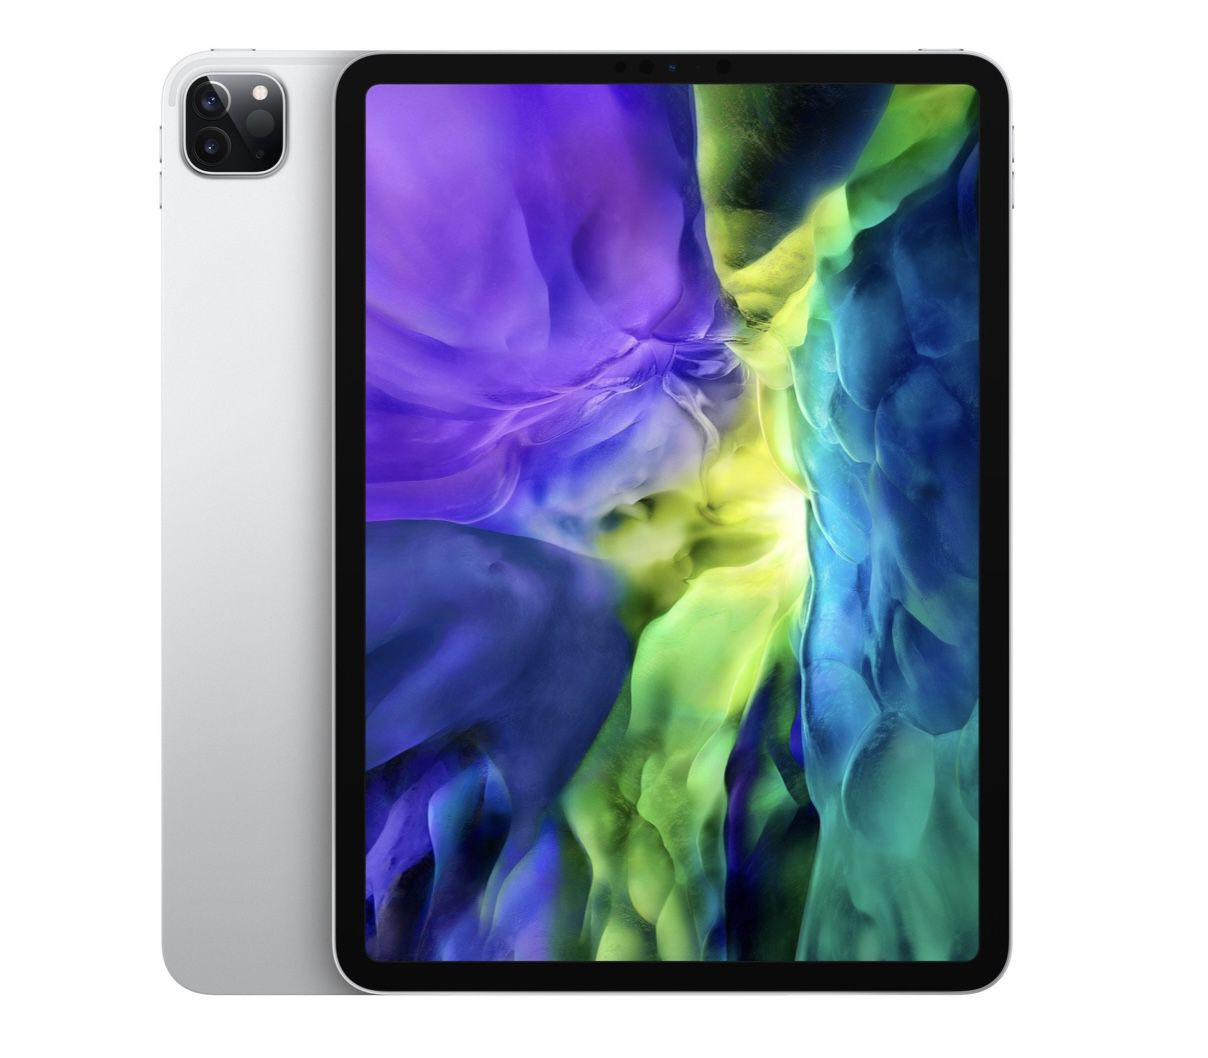 Apple iPad Pro 11 mit 512 GB in Silber (MXDF2FD/A) für 772,65€ (statt 878€)